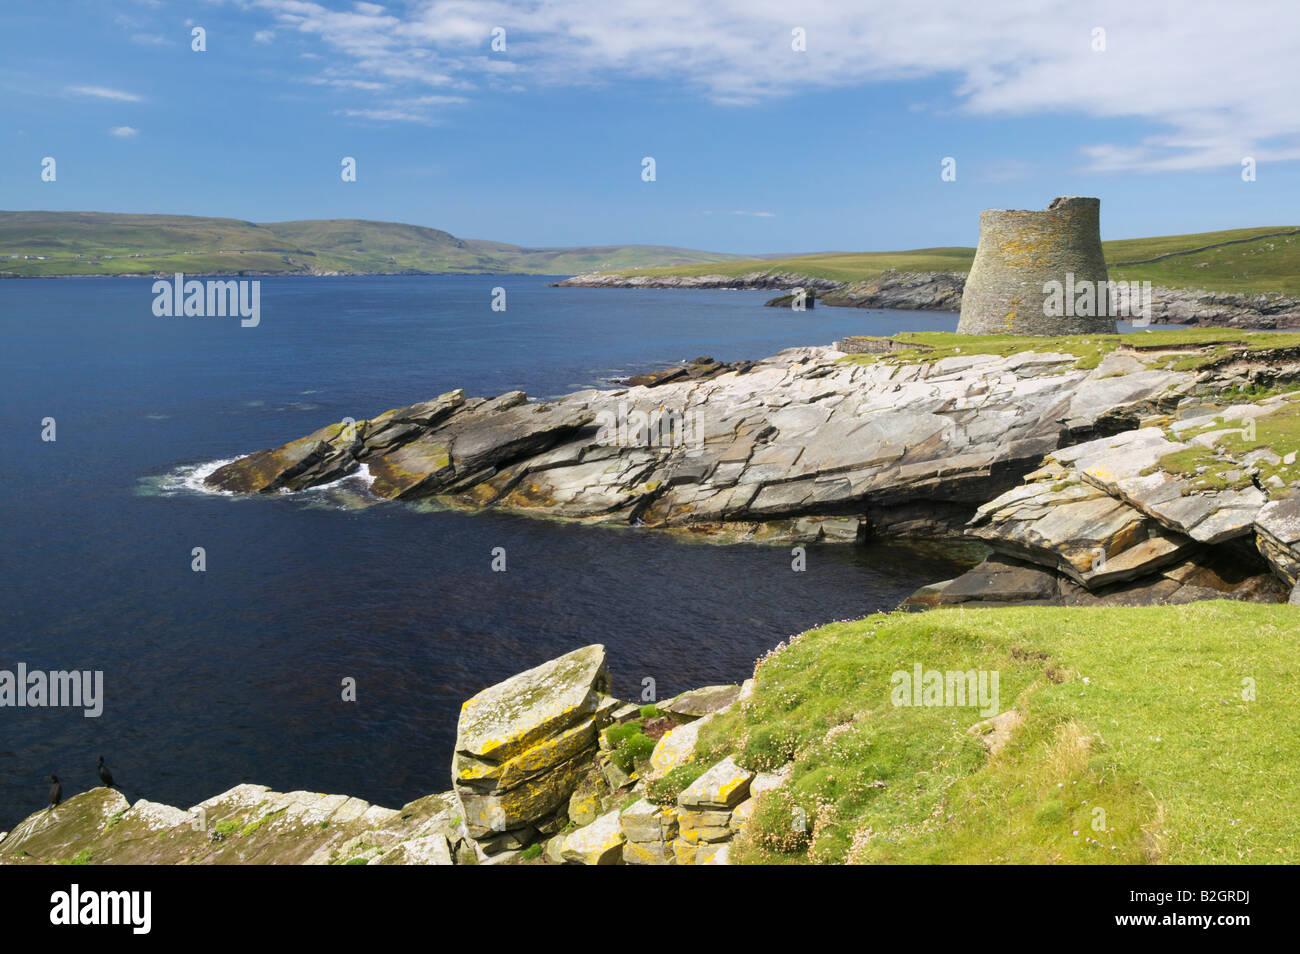 Mousa Broch, Isle of Mousa, Shetland Isles, Scotland, UK. - Stock Image